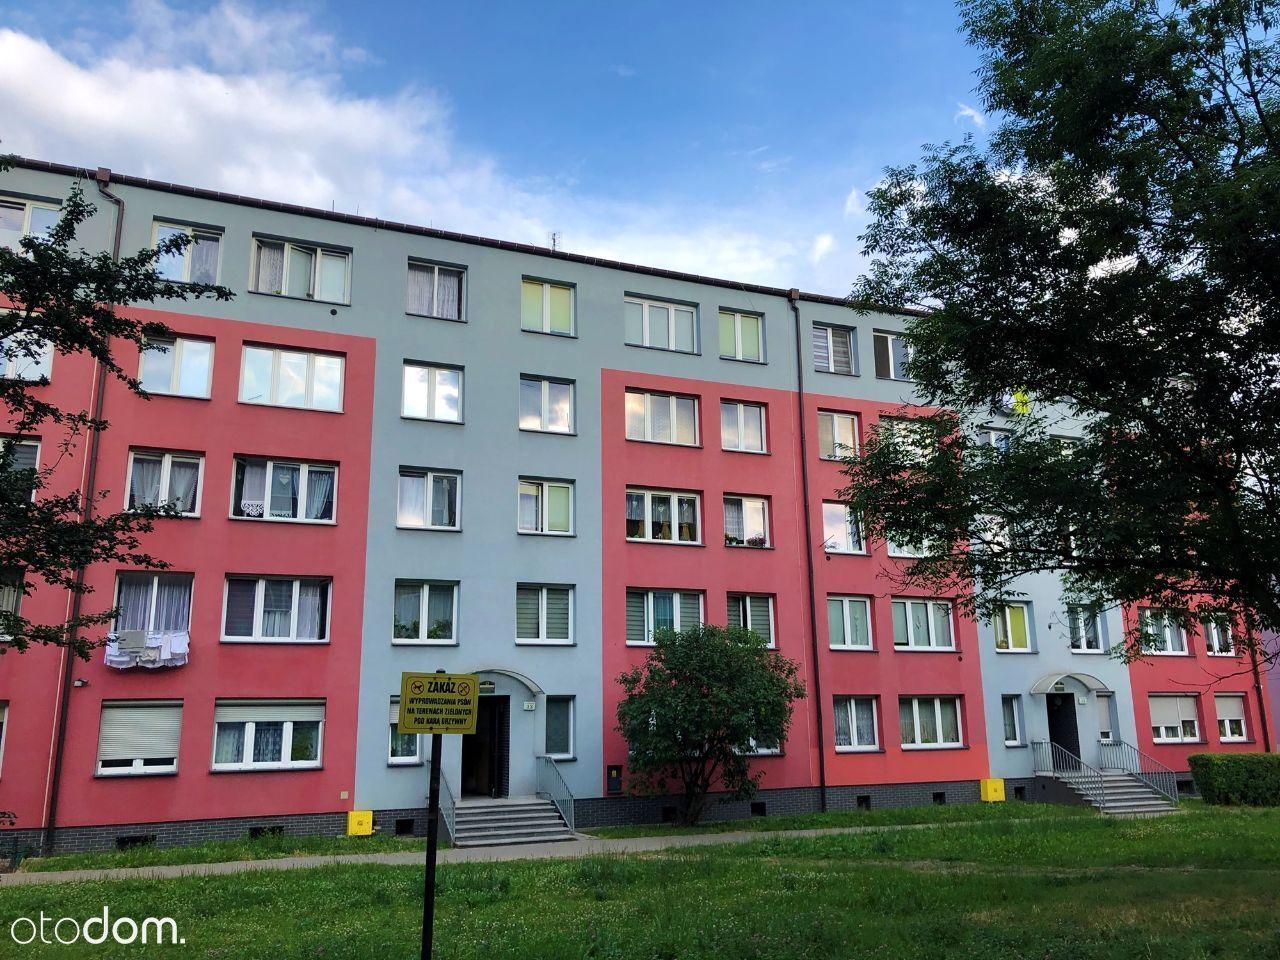 3 Pokoje Bytom Szombierki Niski Blok 2 Piętro